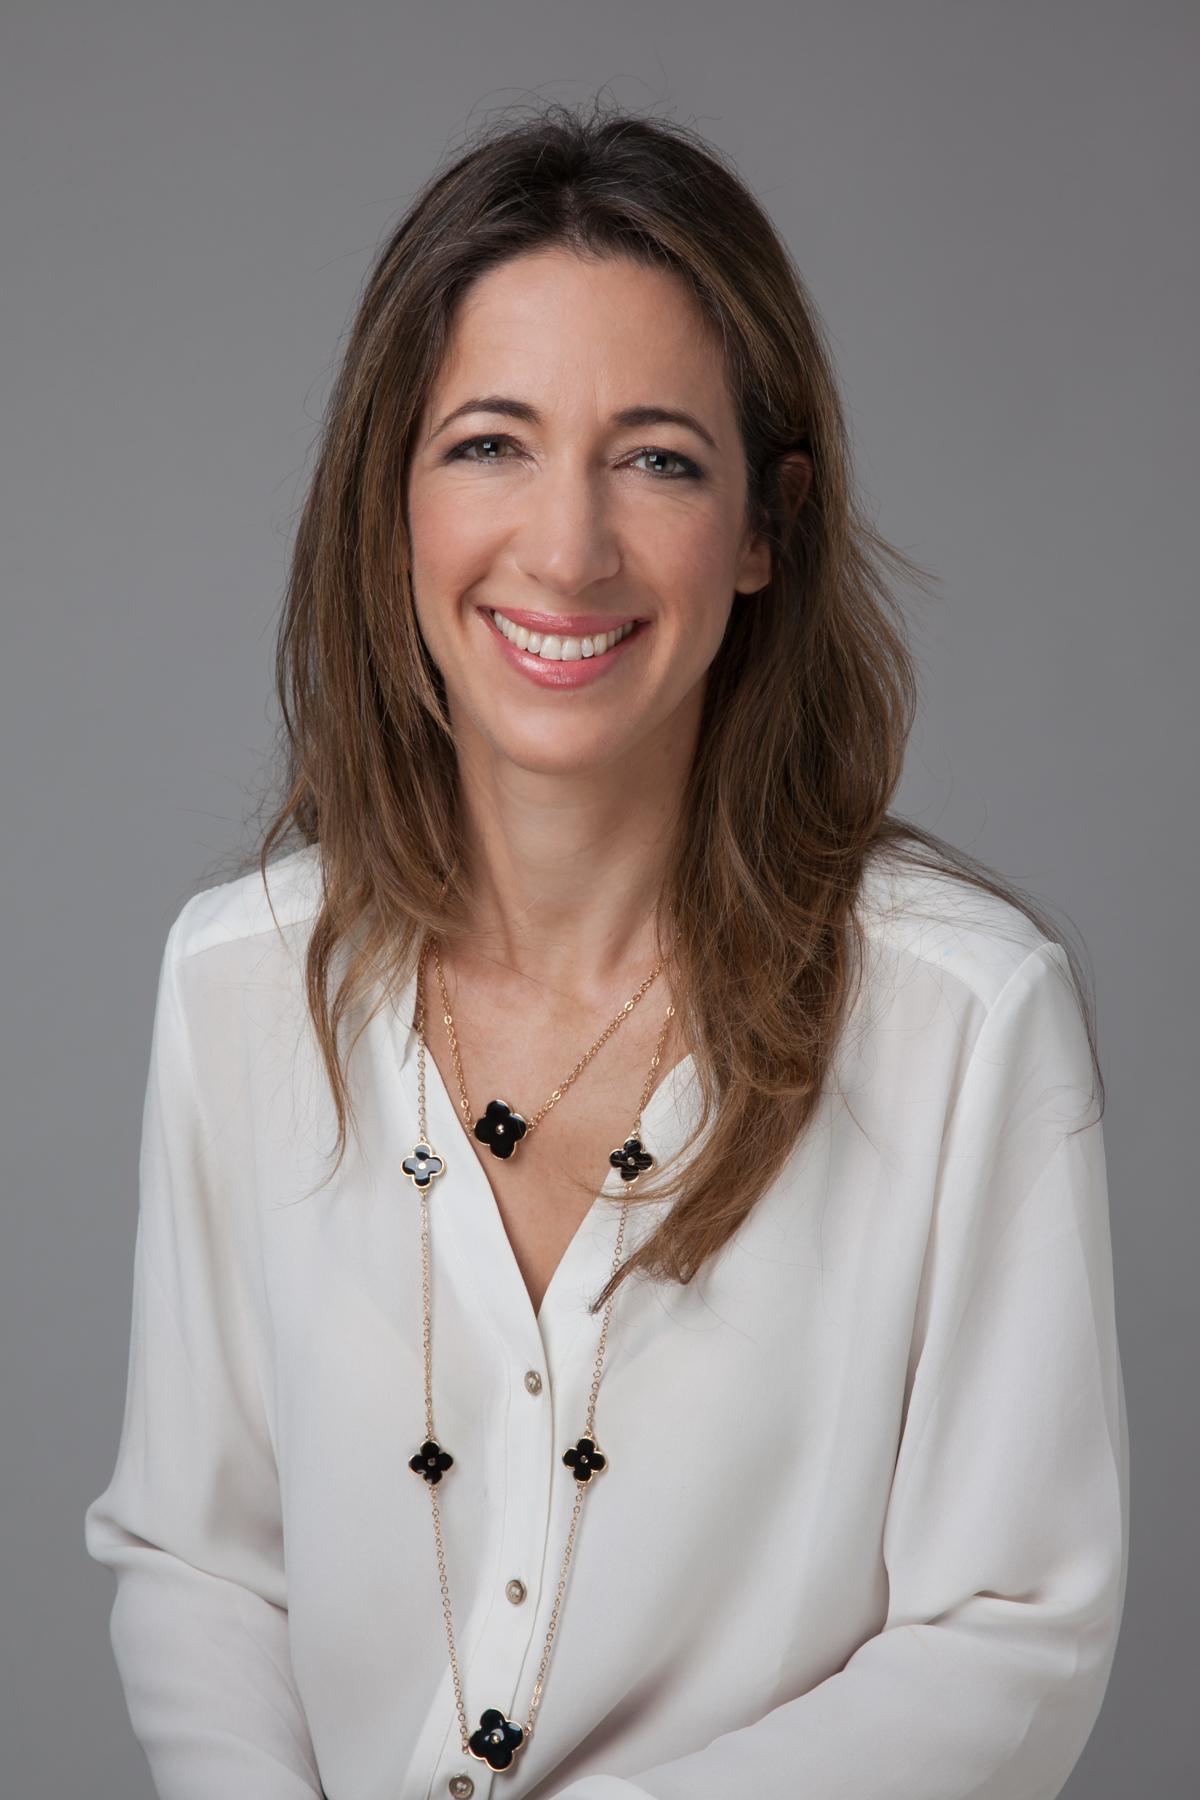 """ד""""ר אסתר רובינראוט מומחית בכירורגיה של היד, מומחית בכירורגיה אורתופדית"""